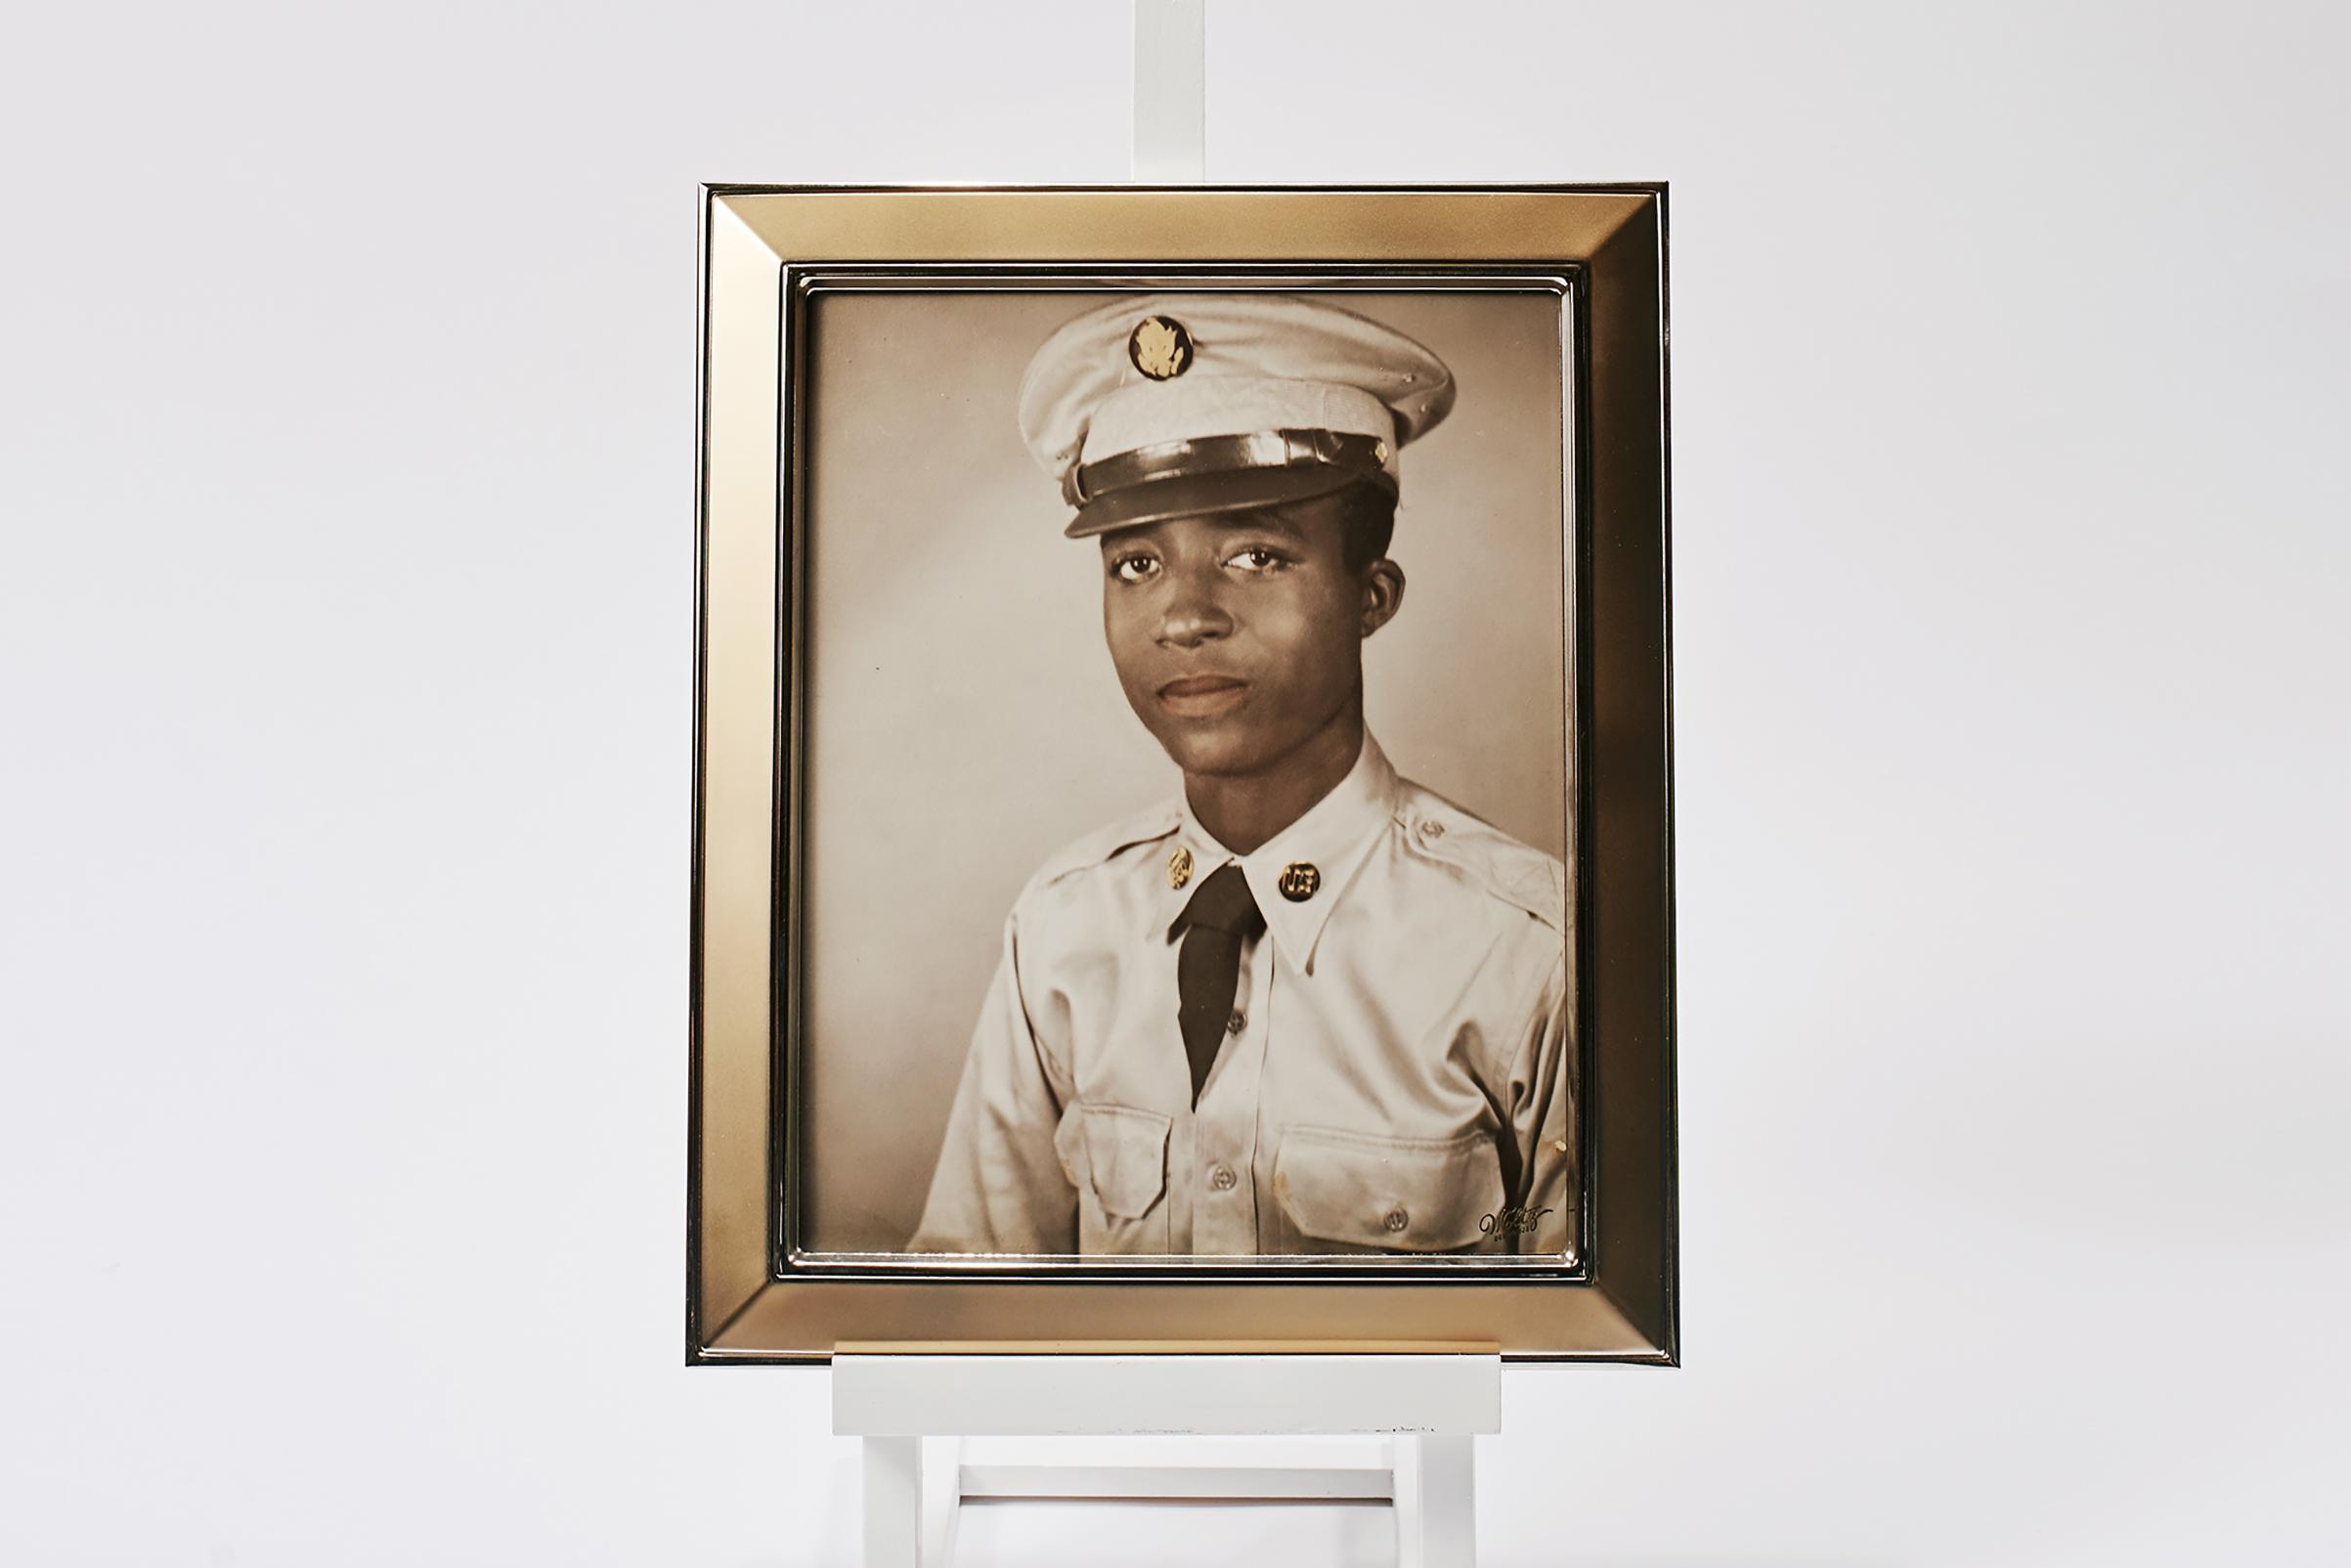 A framed portrait of Hoover, who left North Carolina for Korea in 1950.